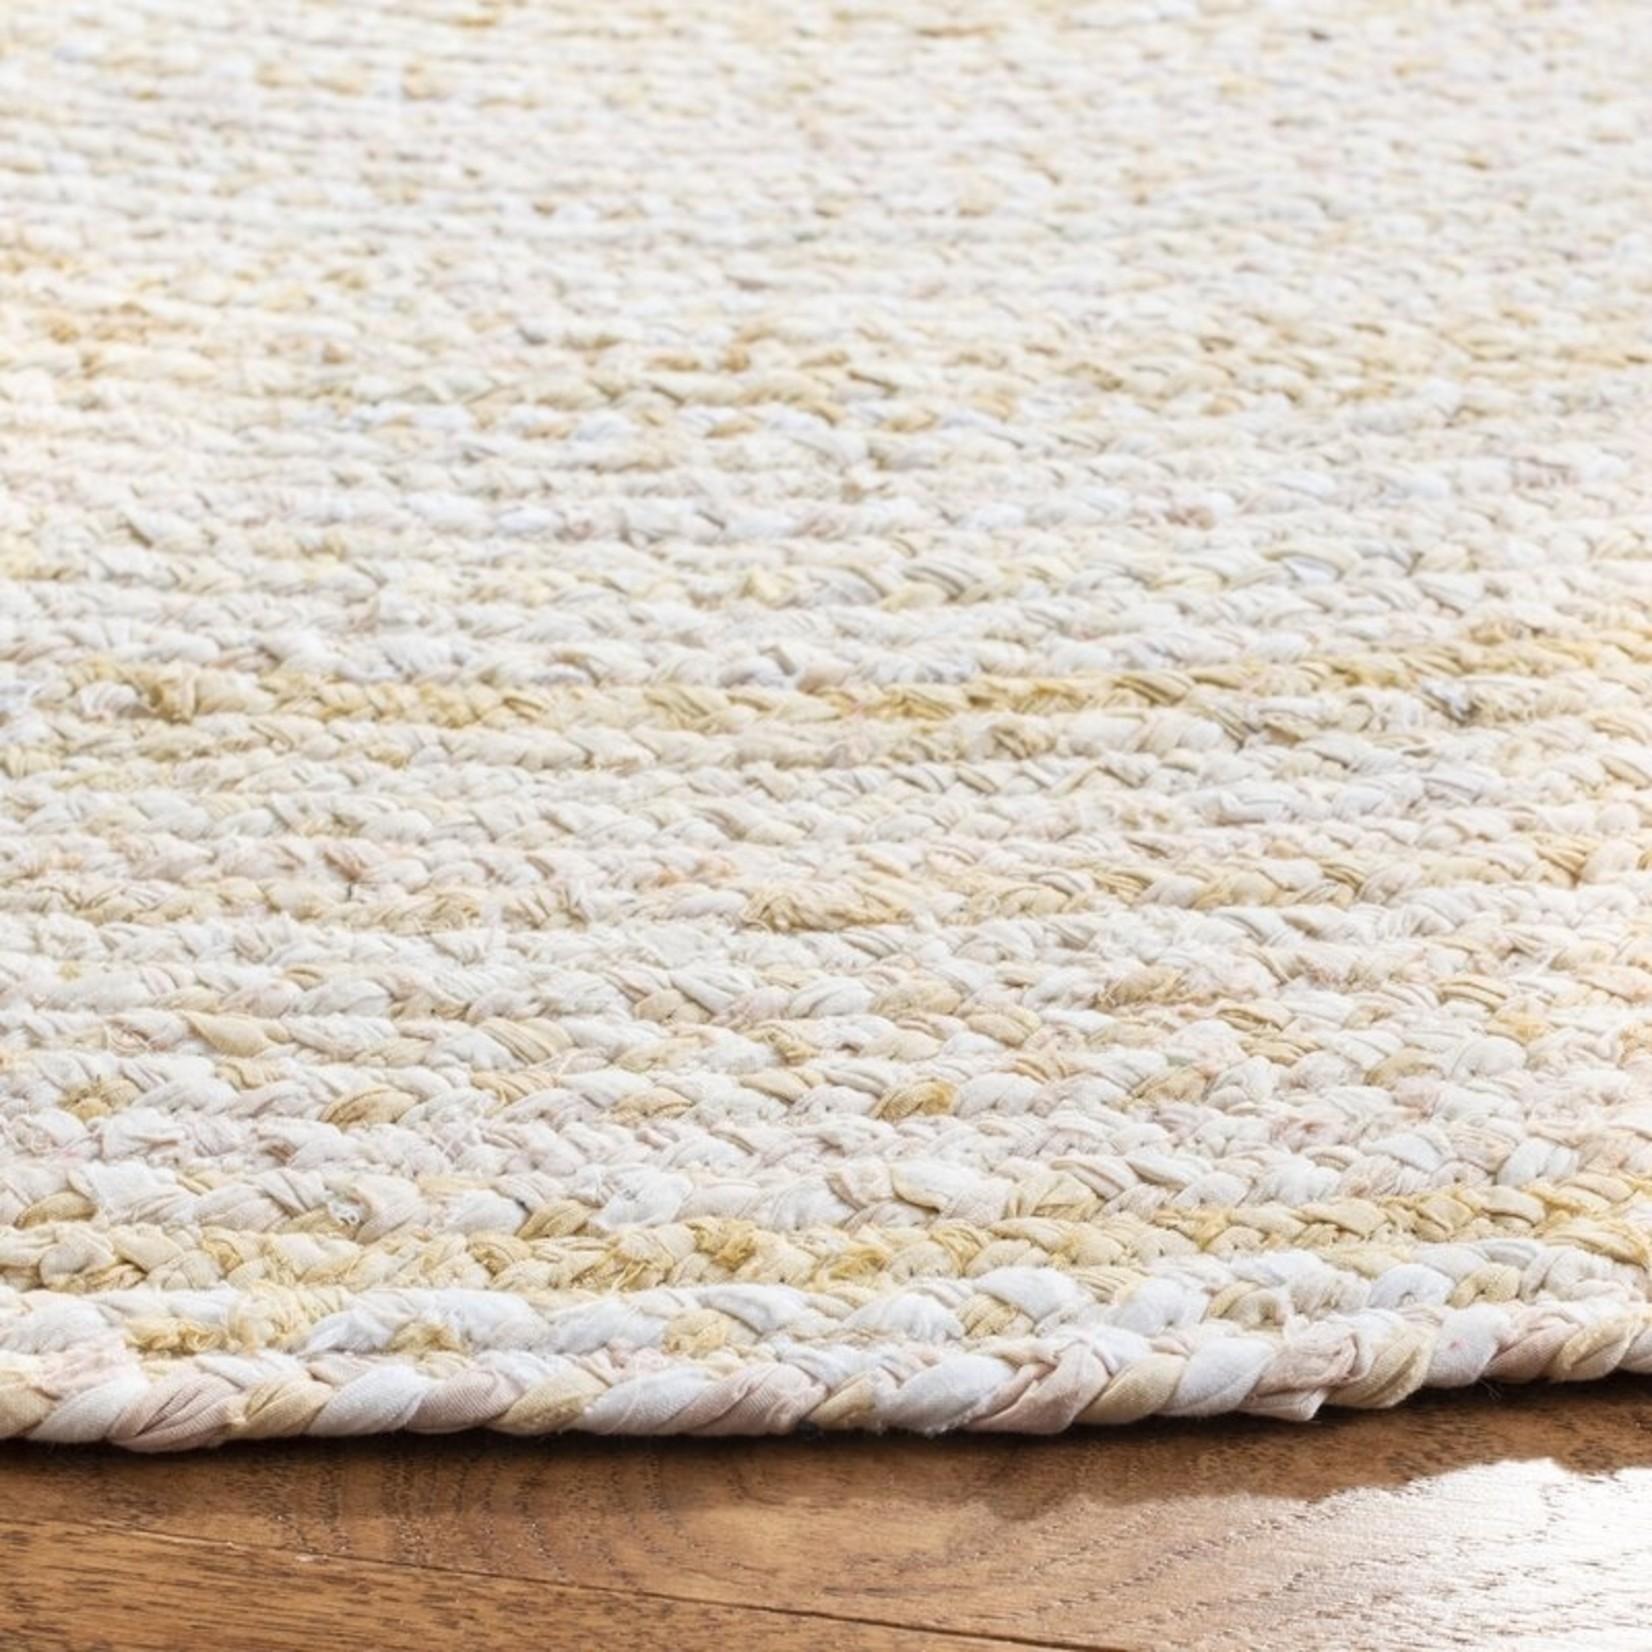 *6' Round - Casen Hand-Braided Cotton Beige Area Rug